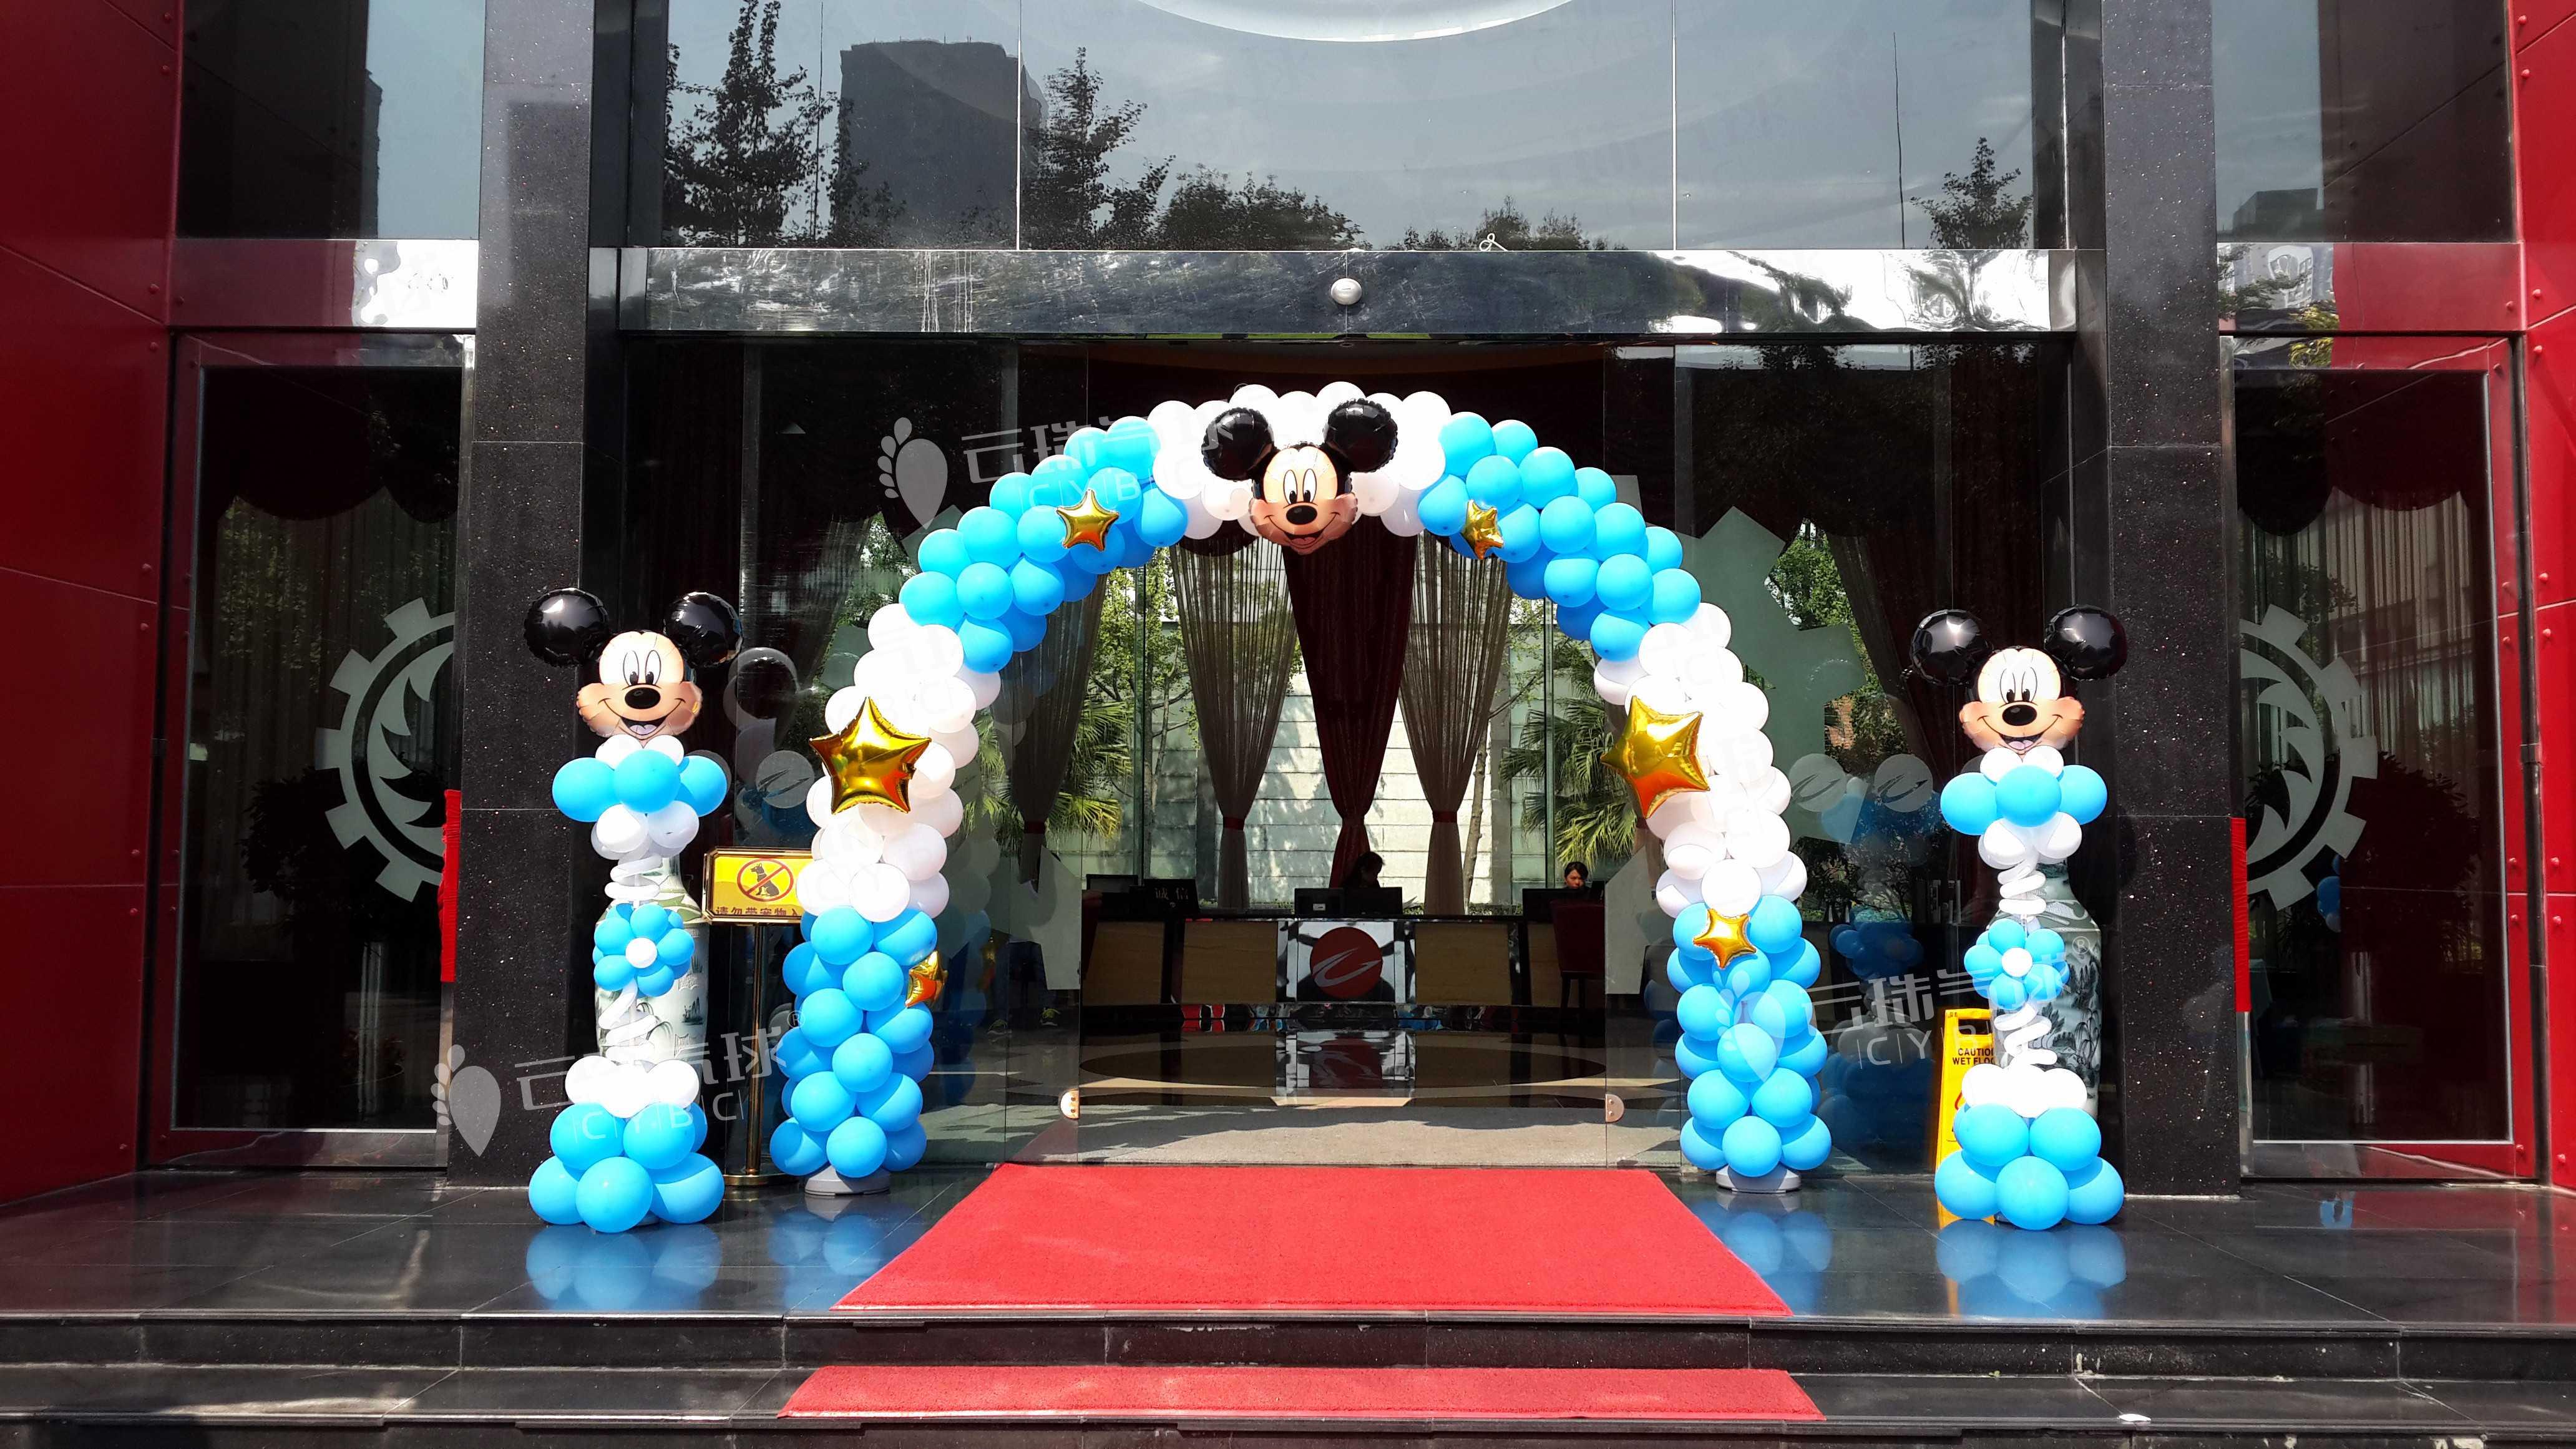 供应迪斯尼主题气球造型/卡通动物造型